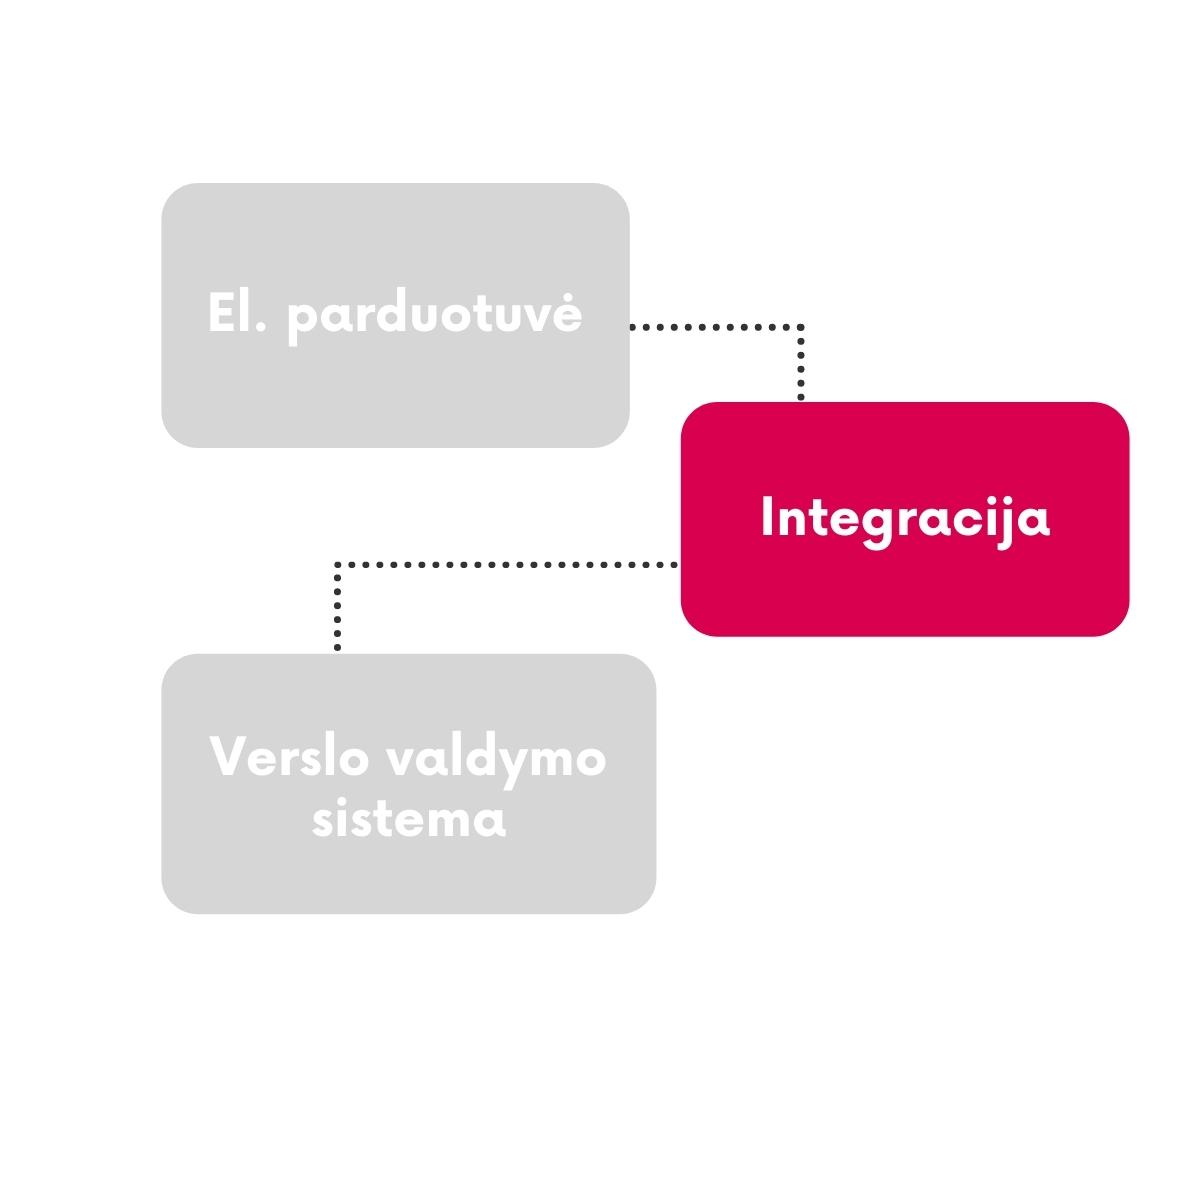 Integracija tarp el parduotuvės ir VVS